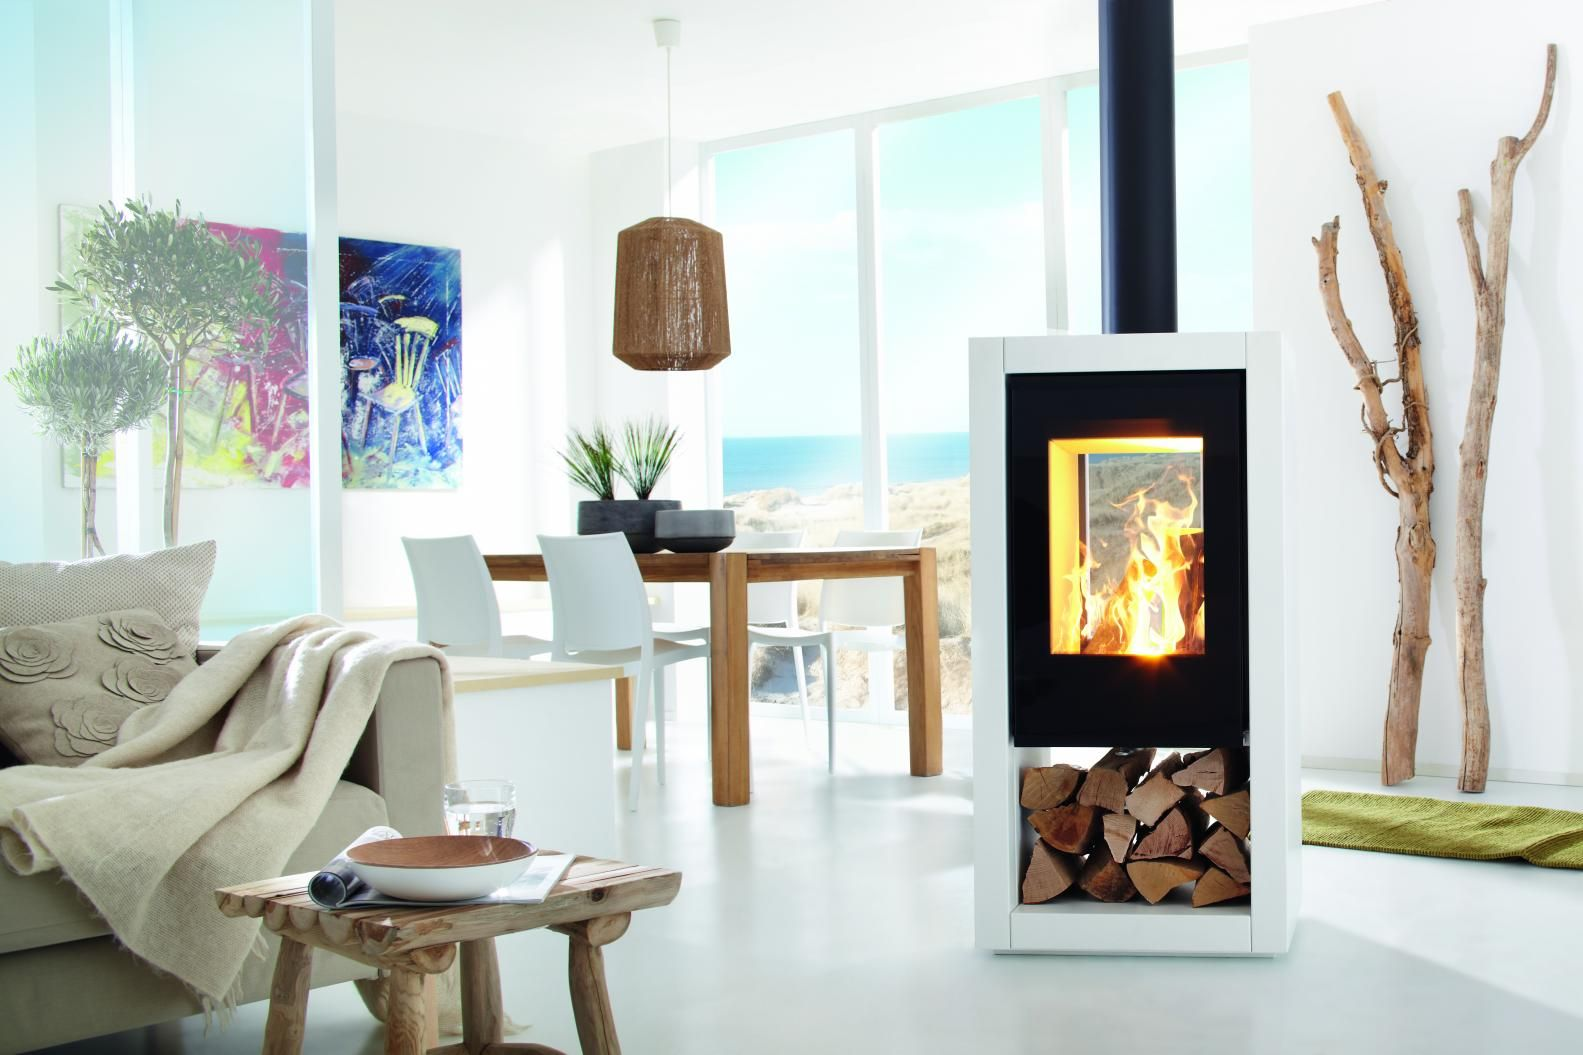 chimeneas de doble cristal para separar ambientes en el saln de casa decoracin - Chimeneas Diseo